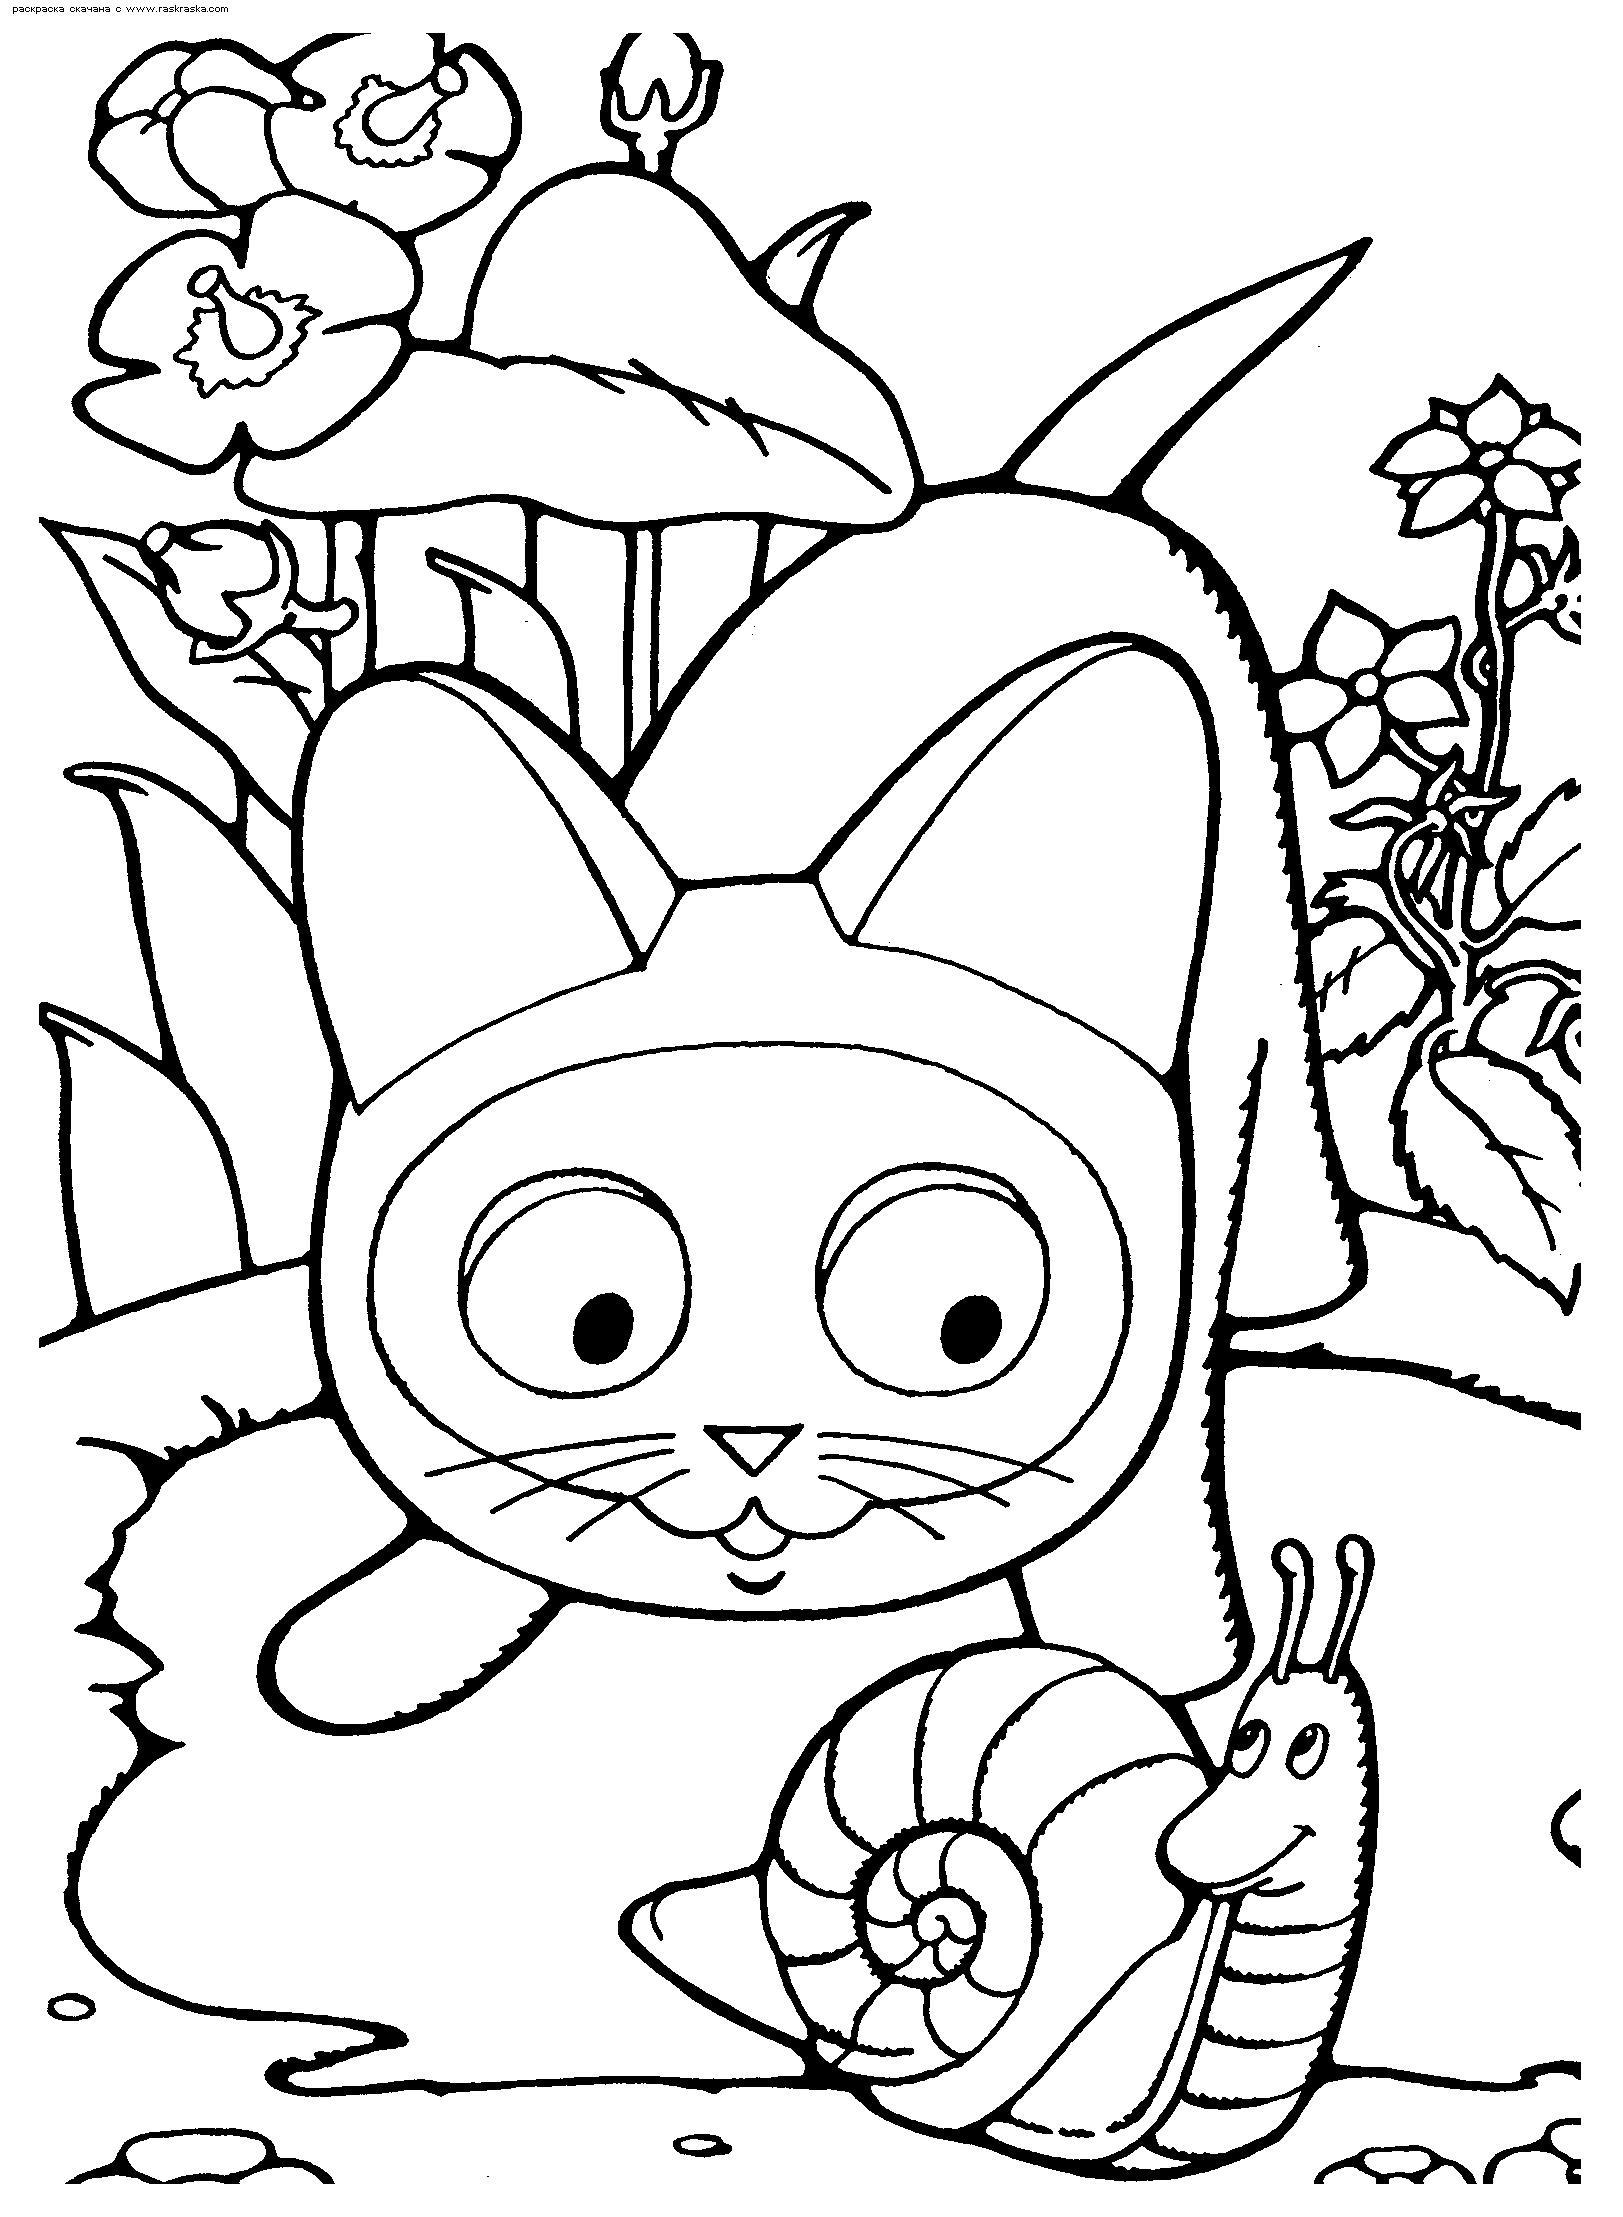 Котенок гав и улитка Красивые раскраски цветов